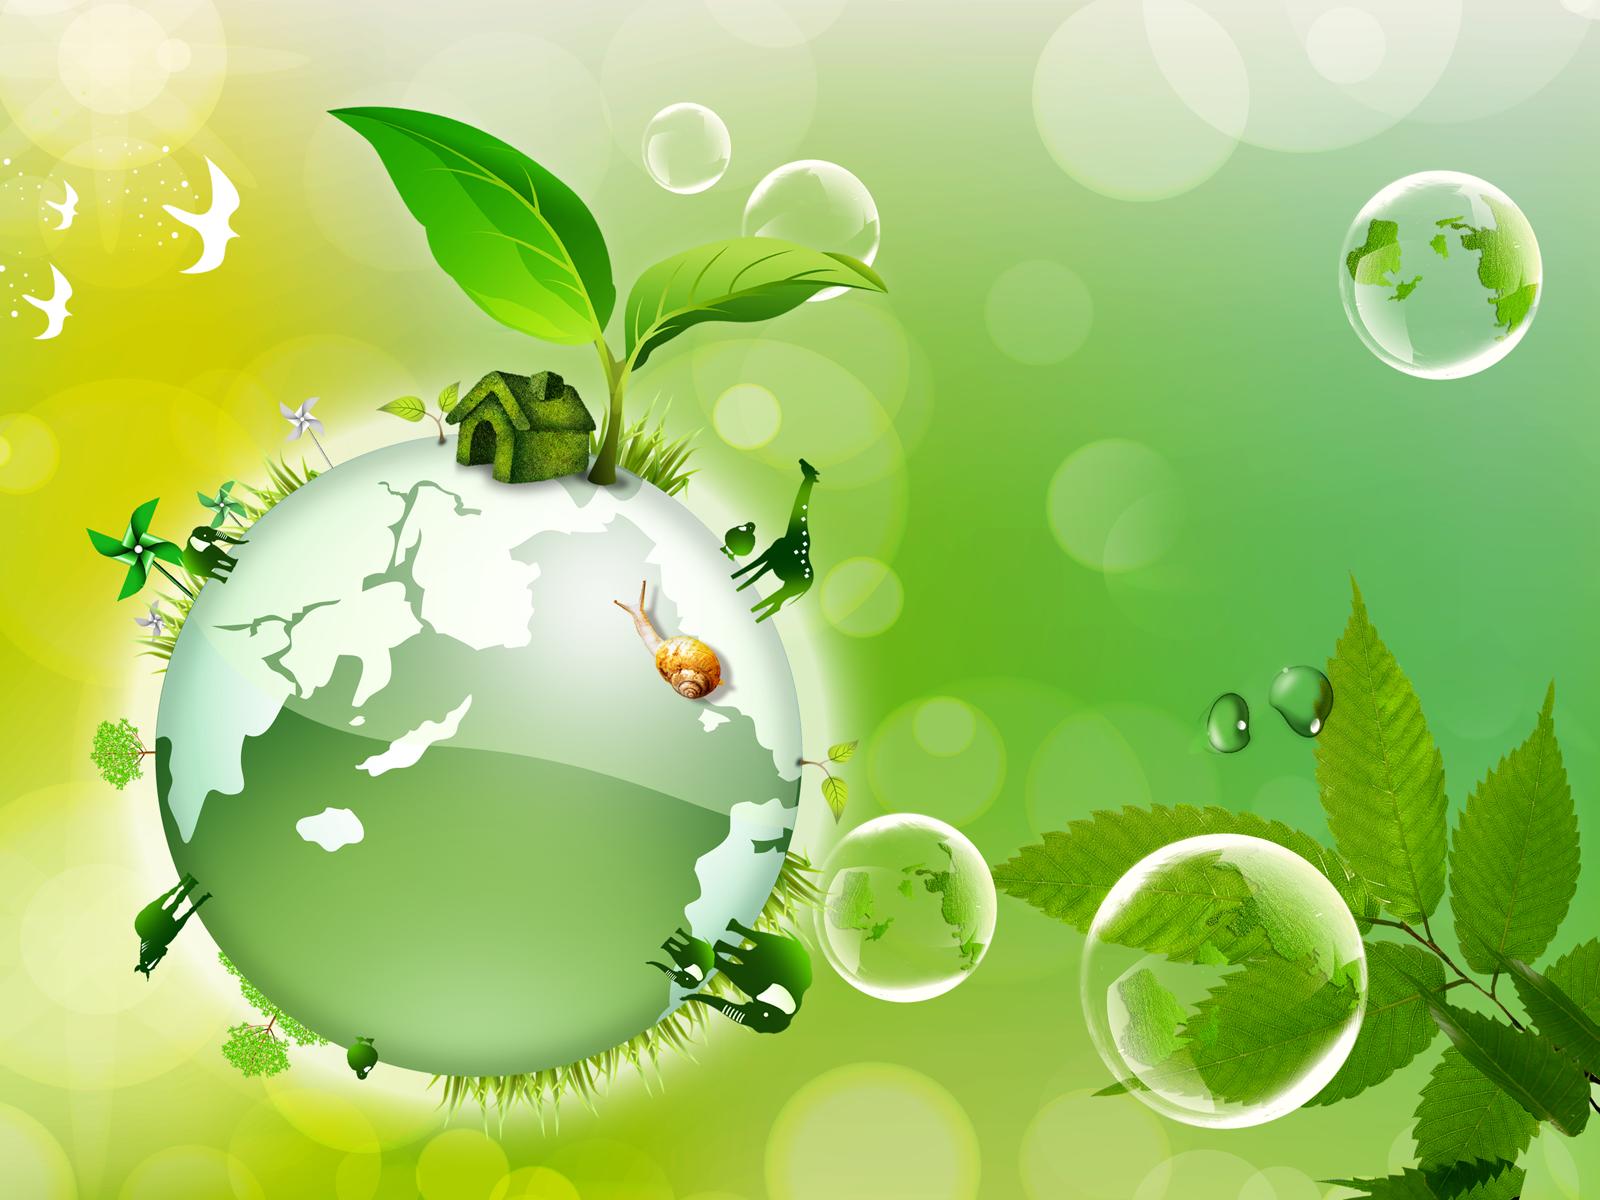 http://1.bp.blogspot.com/-ooxliTWcVcQ/UNJayPYwOAI/AAAAAAAABVI/qszHkLATEgM/s1600/Green+Earth+Ecology+wAl+tangledwing.png